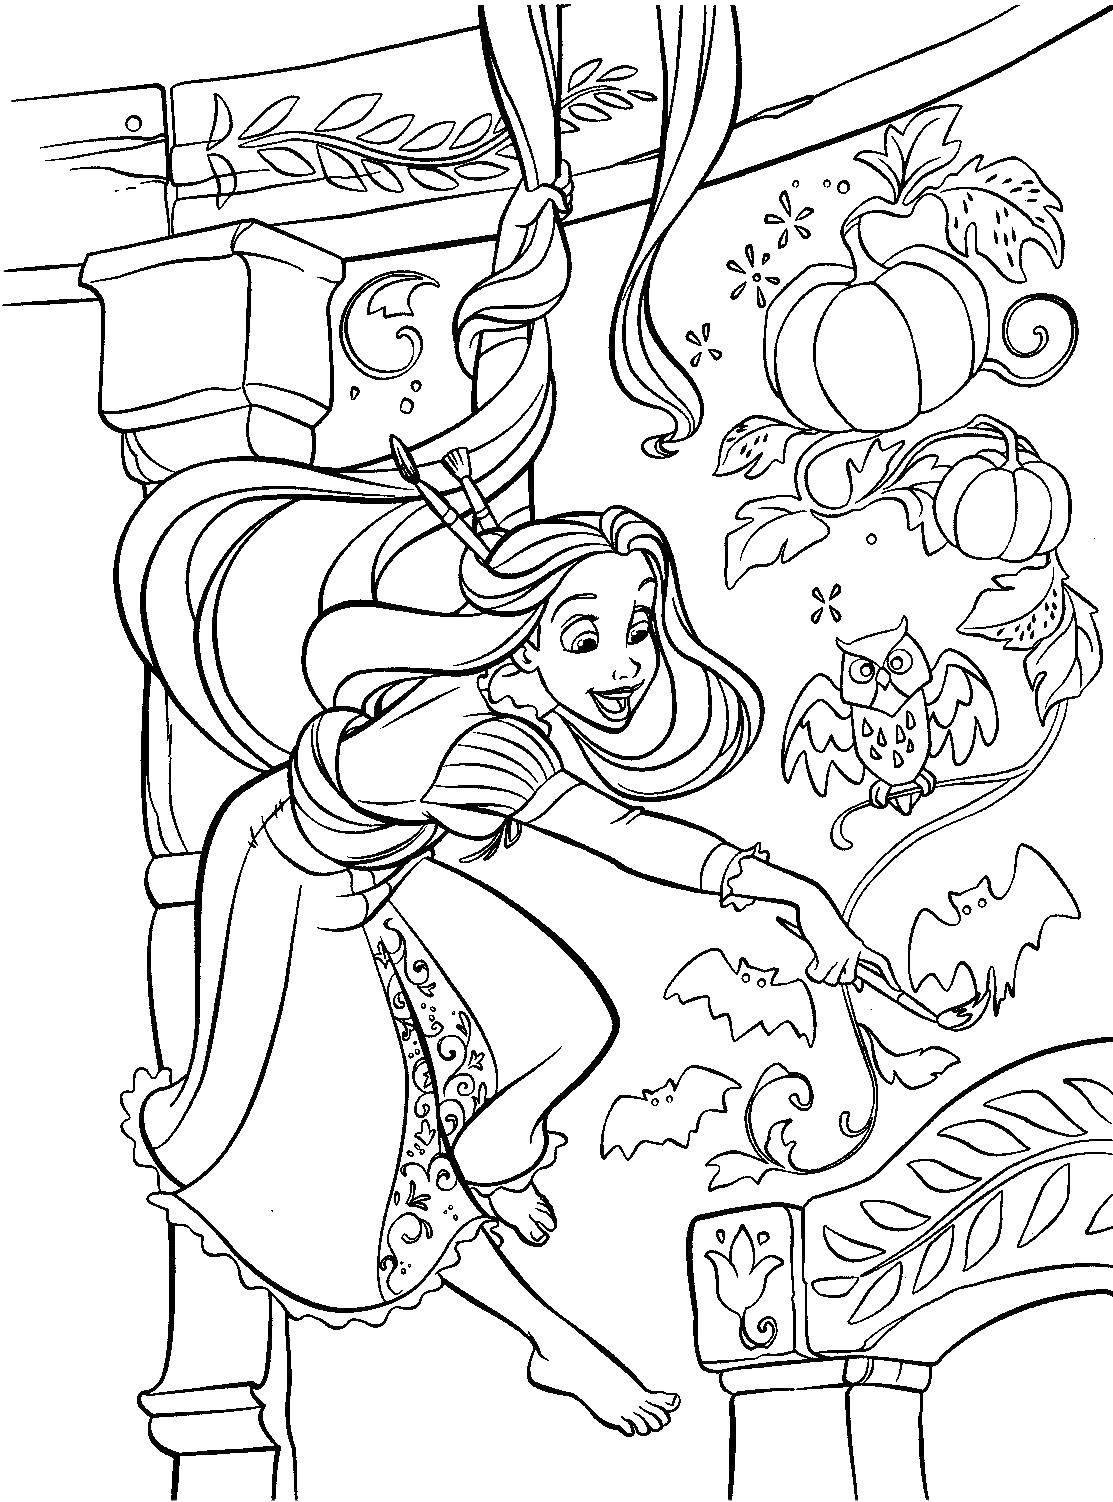 Раскраска  Скачать слоник, луг, цветок.  Распечатать ,Диснеевские раскраски,